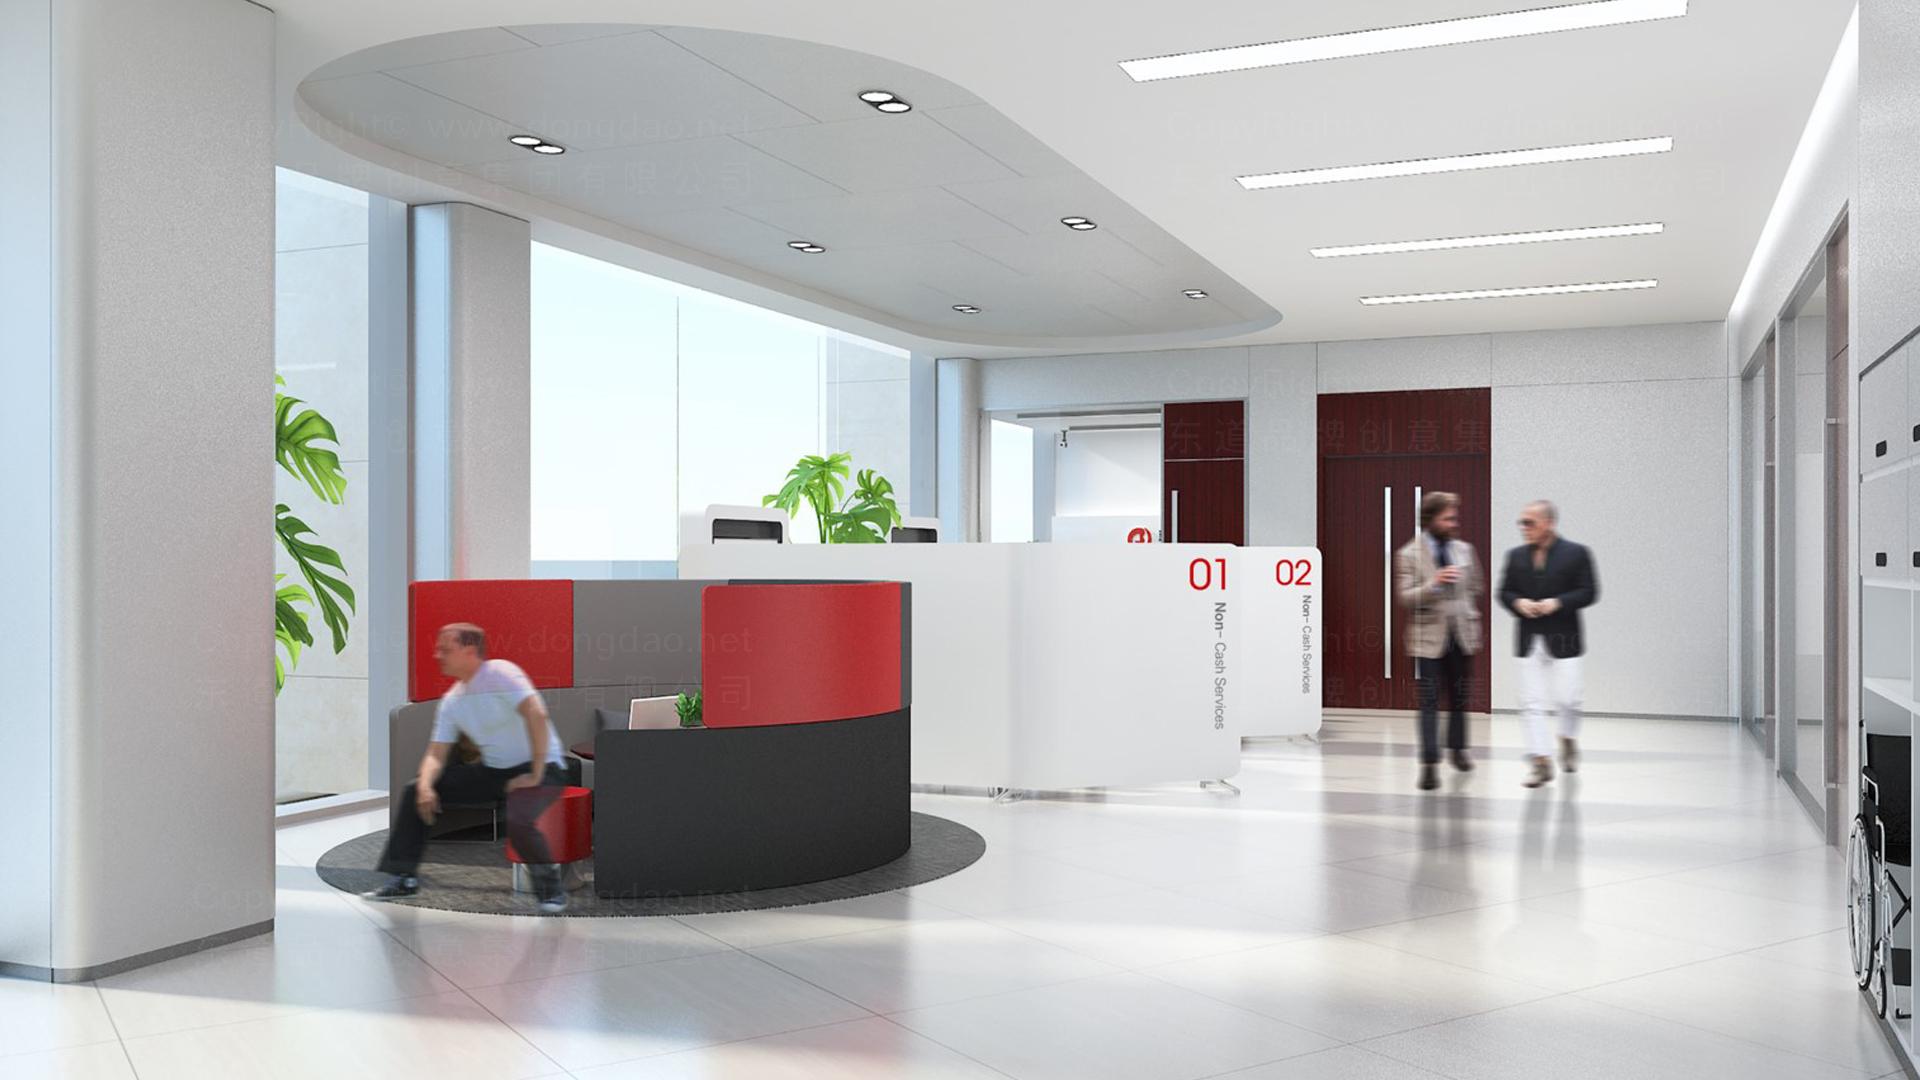 商业空间&导示辽阳银行银行网点风格设计应用场景_2